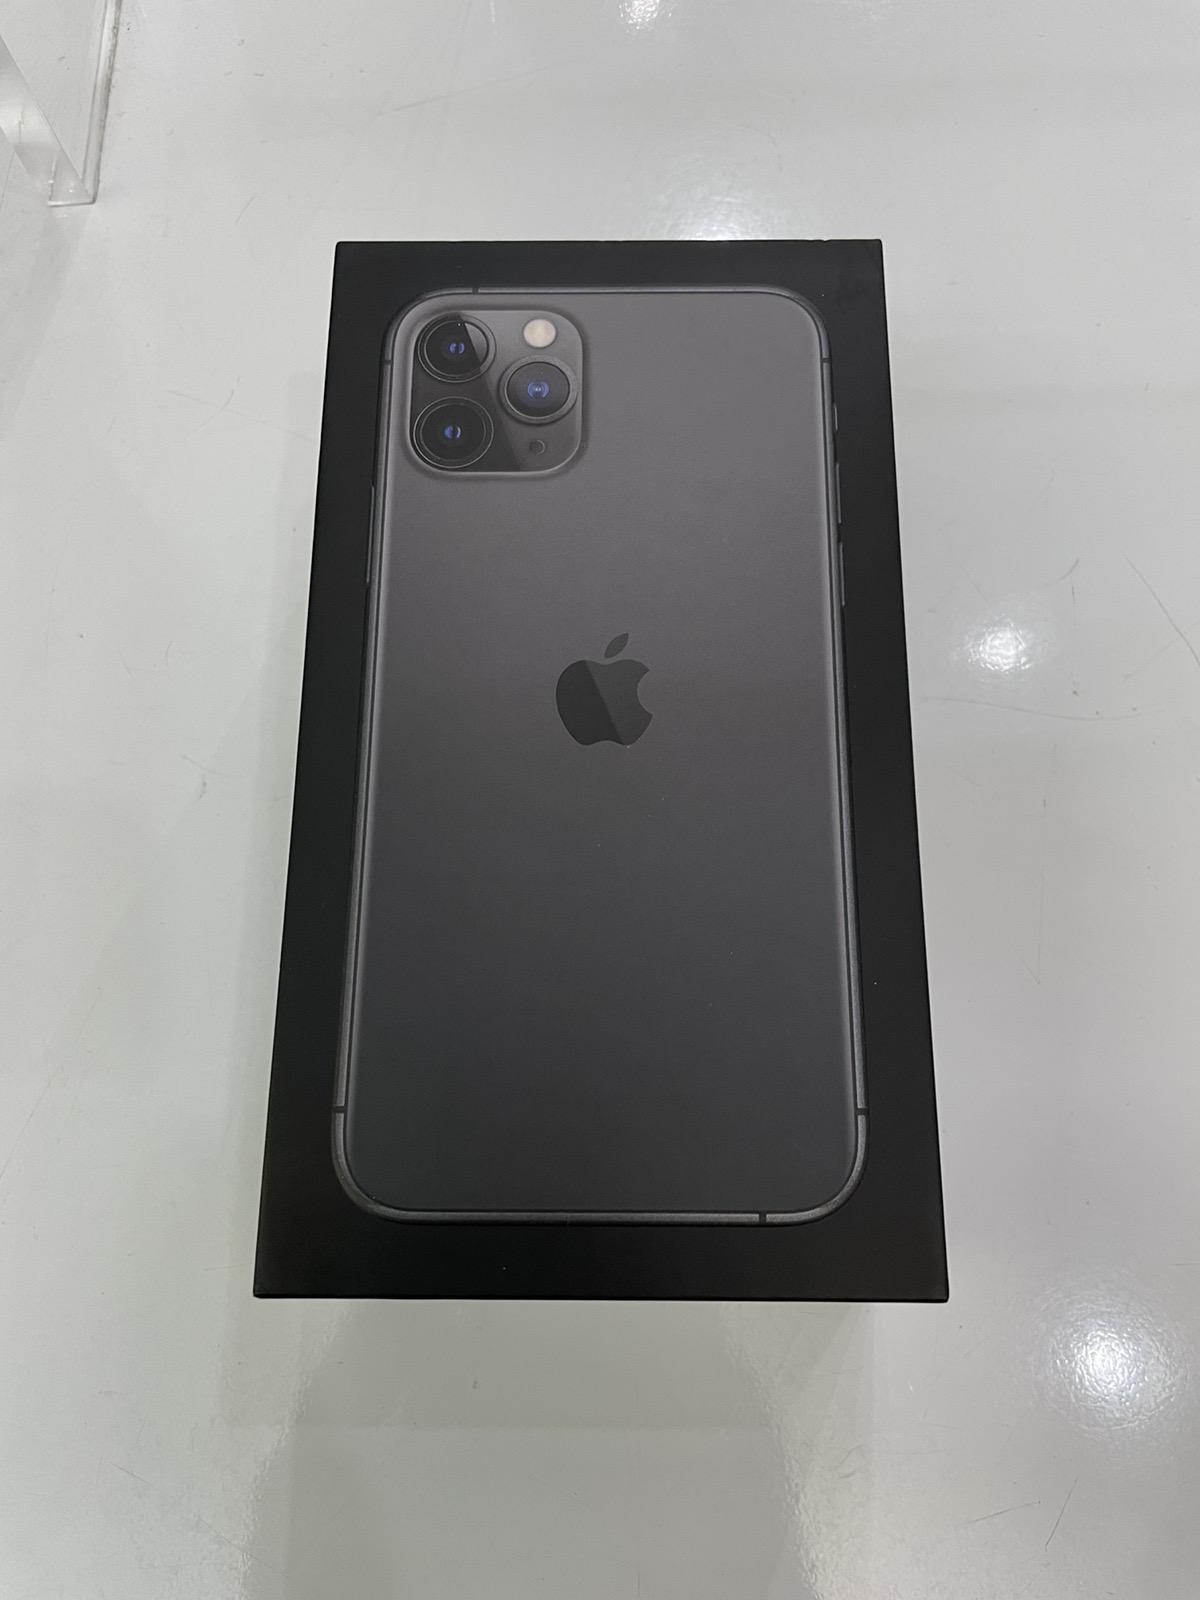 iPhone 11 Pro 256GB スペースグレイ SoftBank△中古